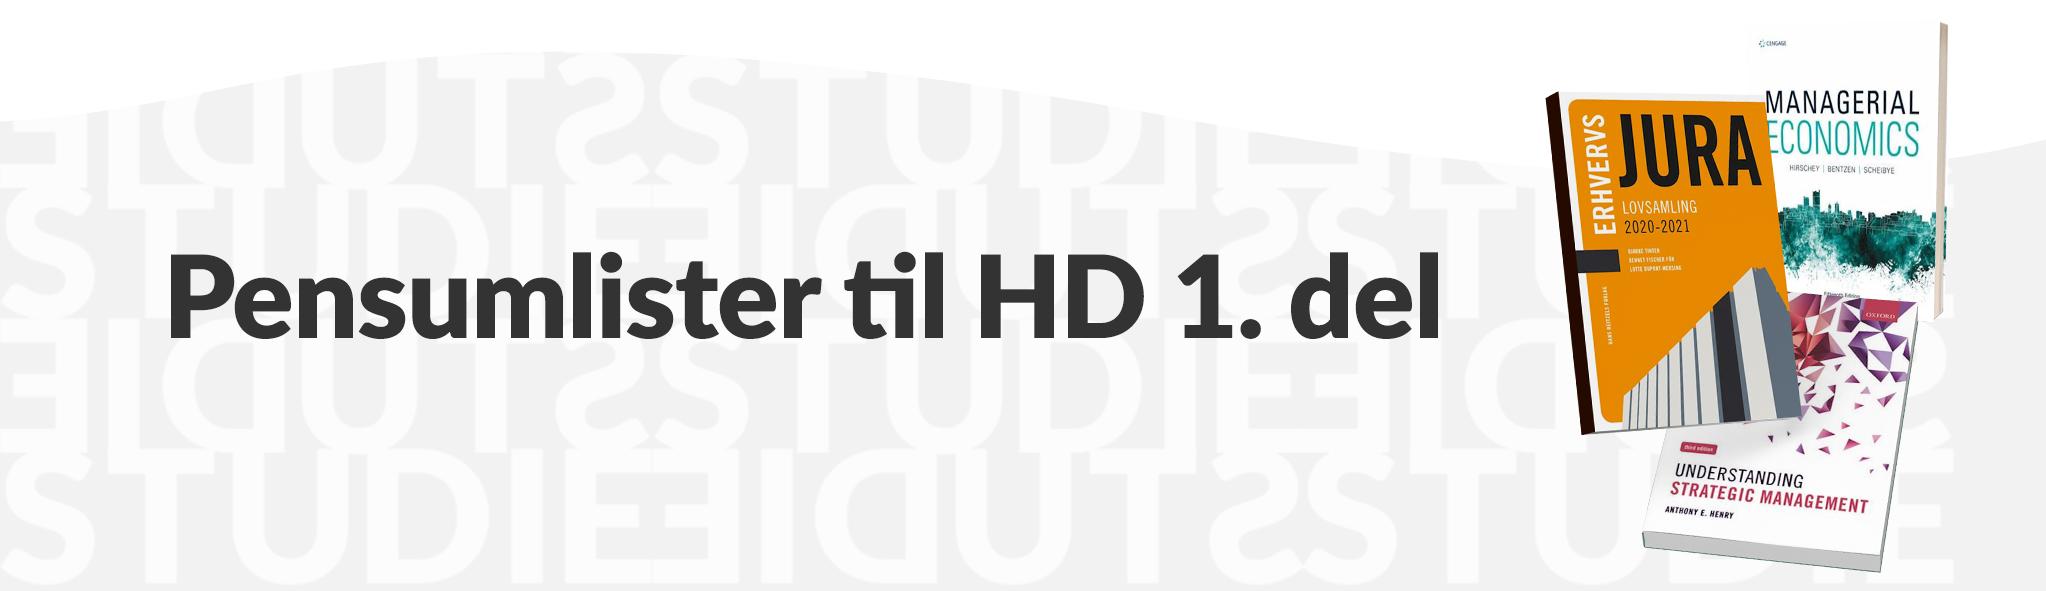 Pensumlister til HD 1 del